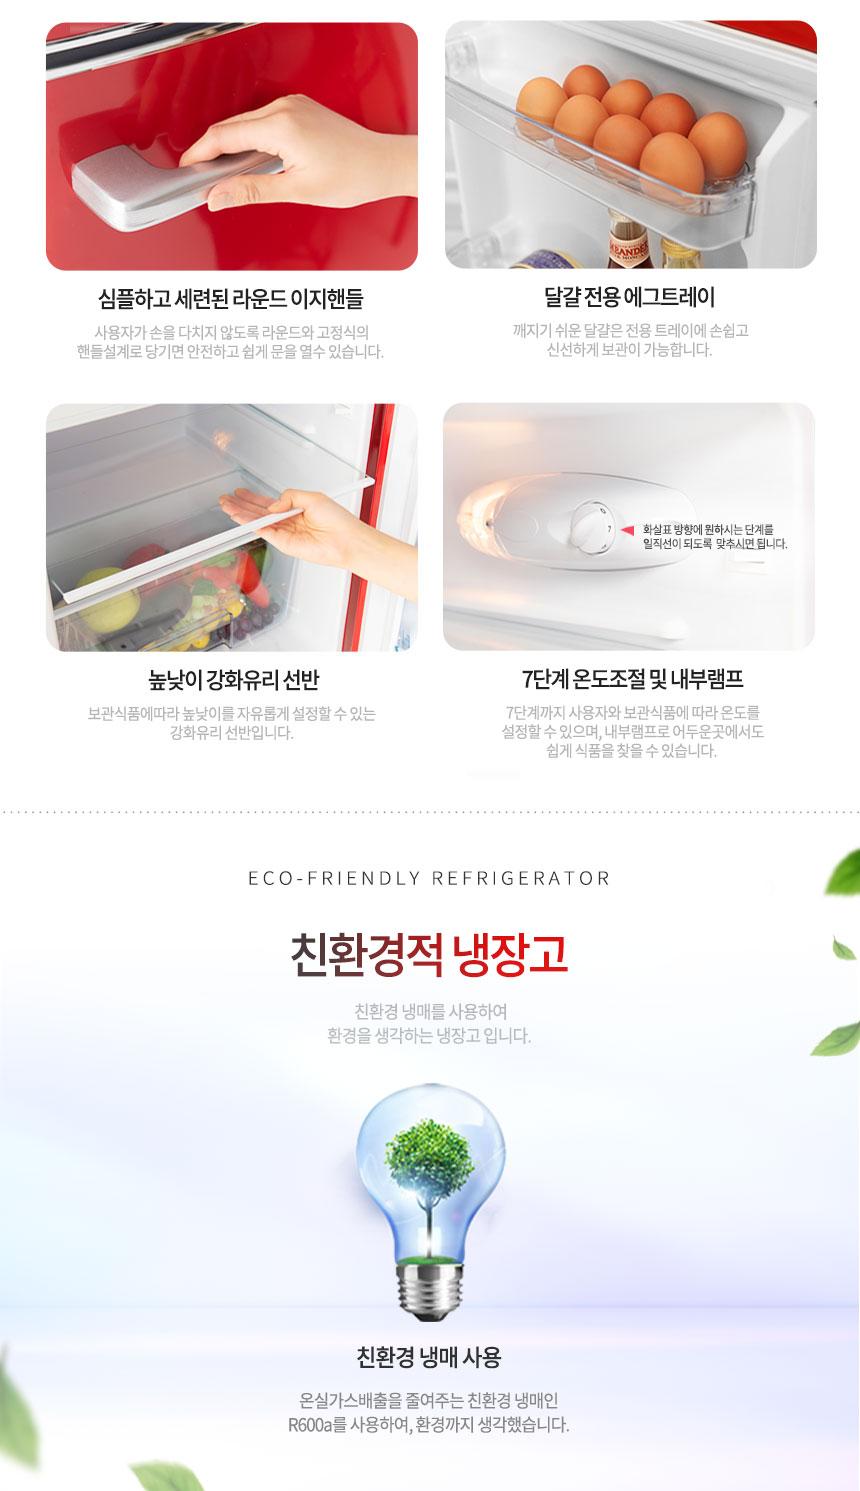 상세페이지 5, 에너지 소비효율 1등급, 경제적, 친환경적 냉장고